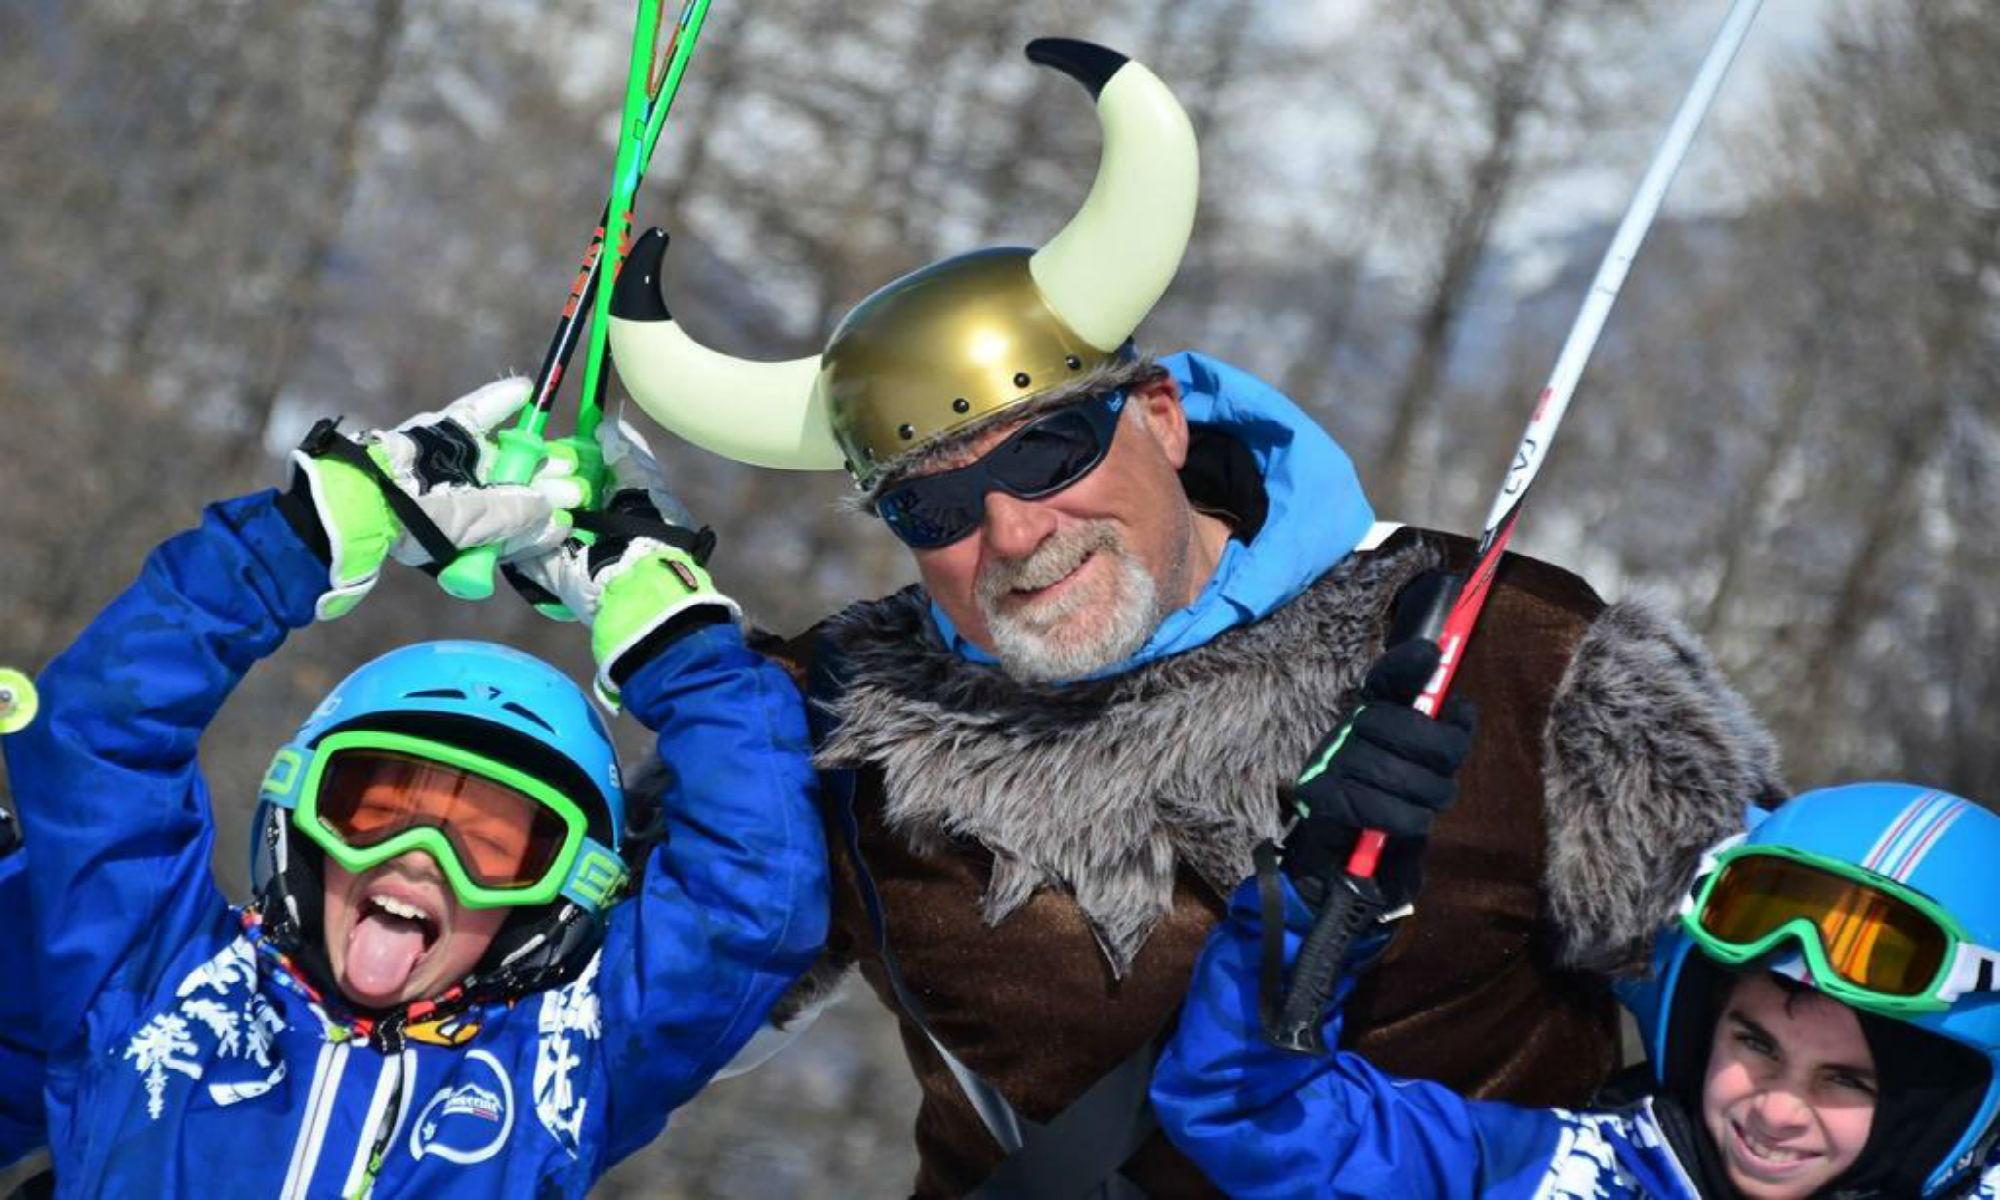 Un maestro di sci vestito da vichingo per Carnevale sorride verso l'obiettivo assieme a due piccoli allievi entusiasti.